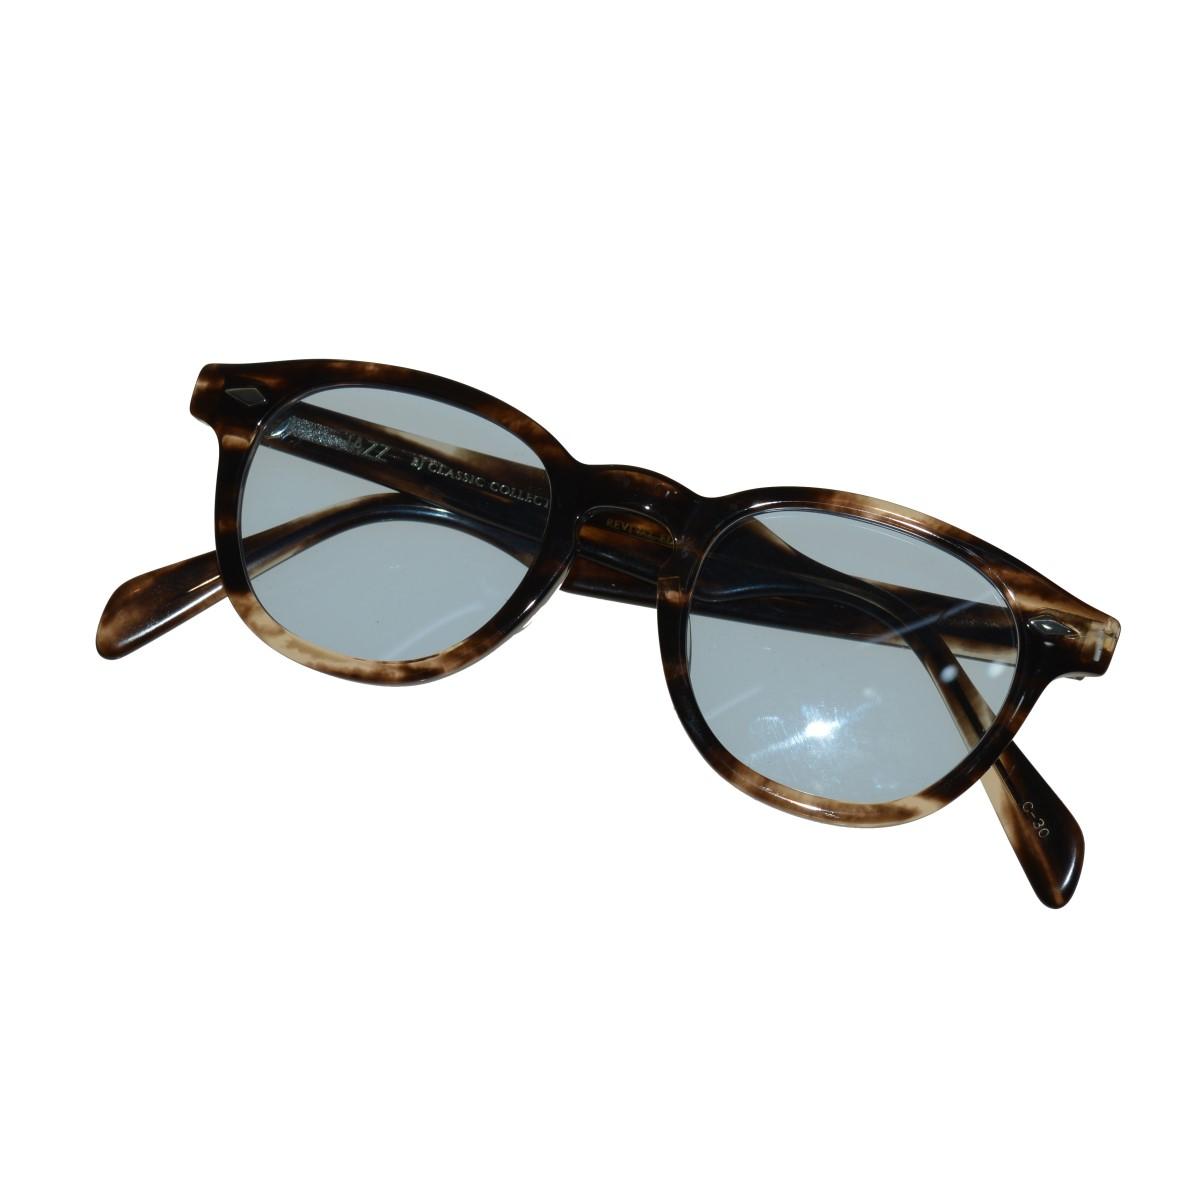 眼鏡・サングラス, その他 BJ Classic Collection JAZZ 4621-148 170121